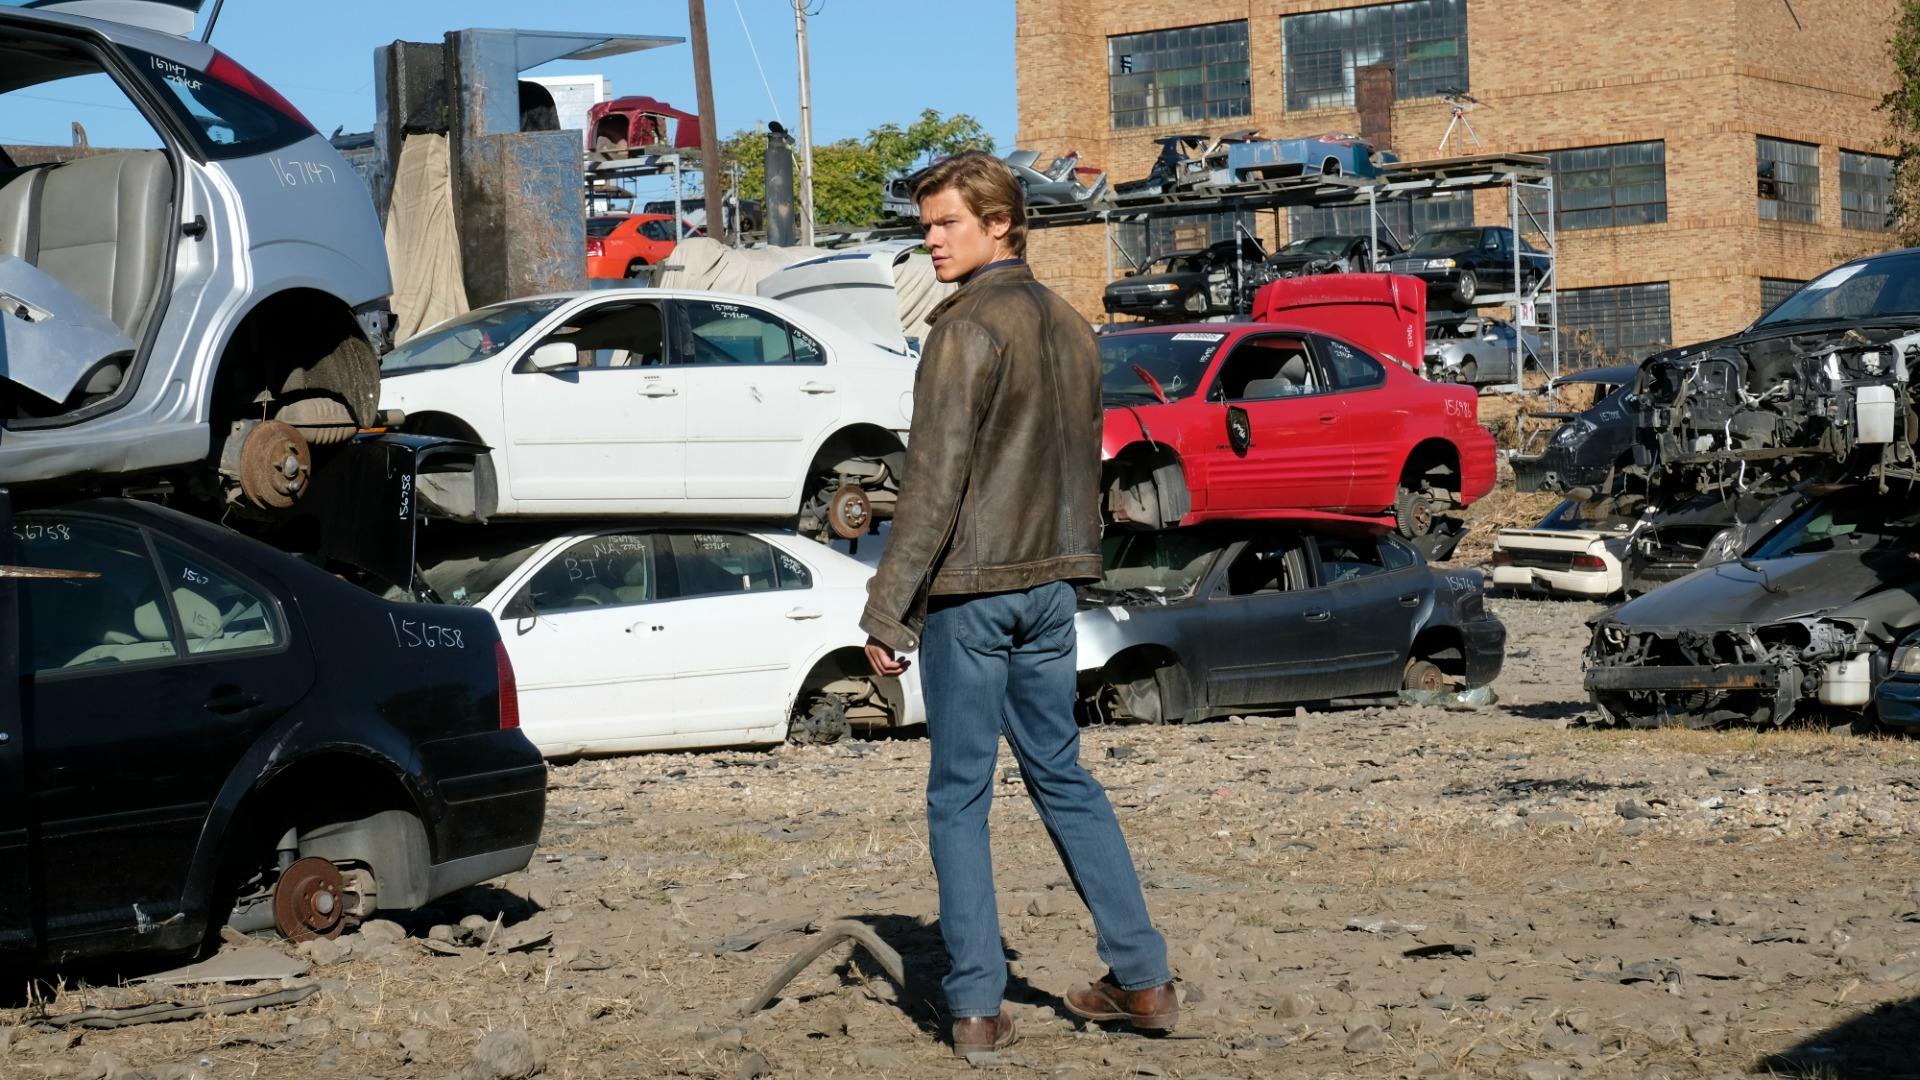 MacGyver surveys the junkyard.